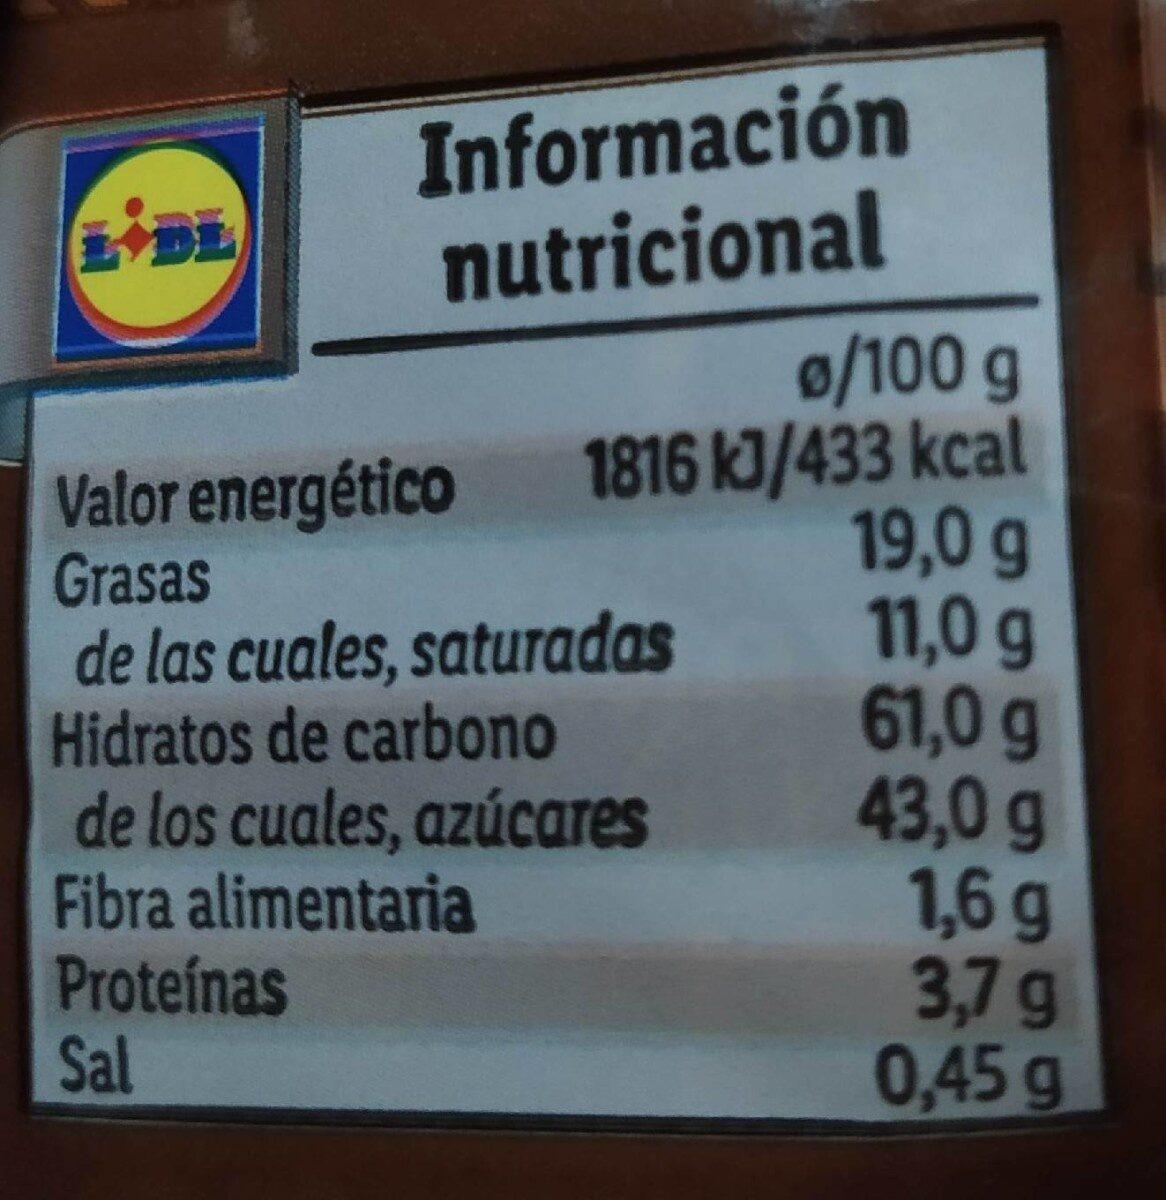 Bracitos sabor trufa o fresa - Nutrition facts - es